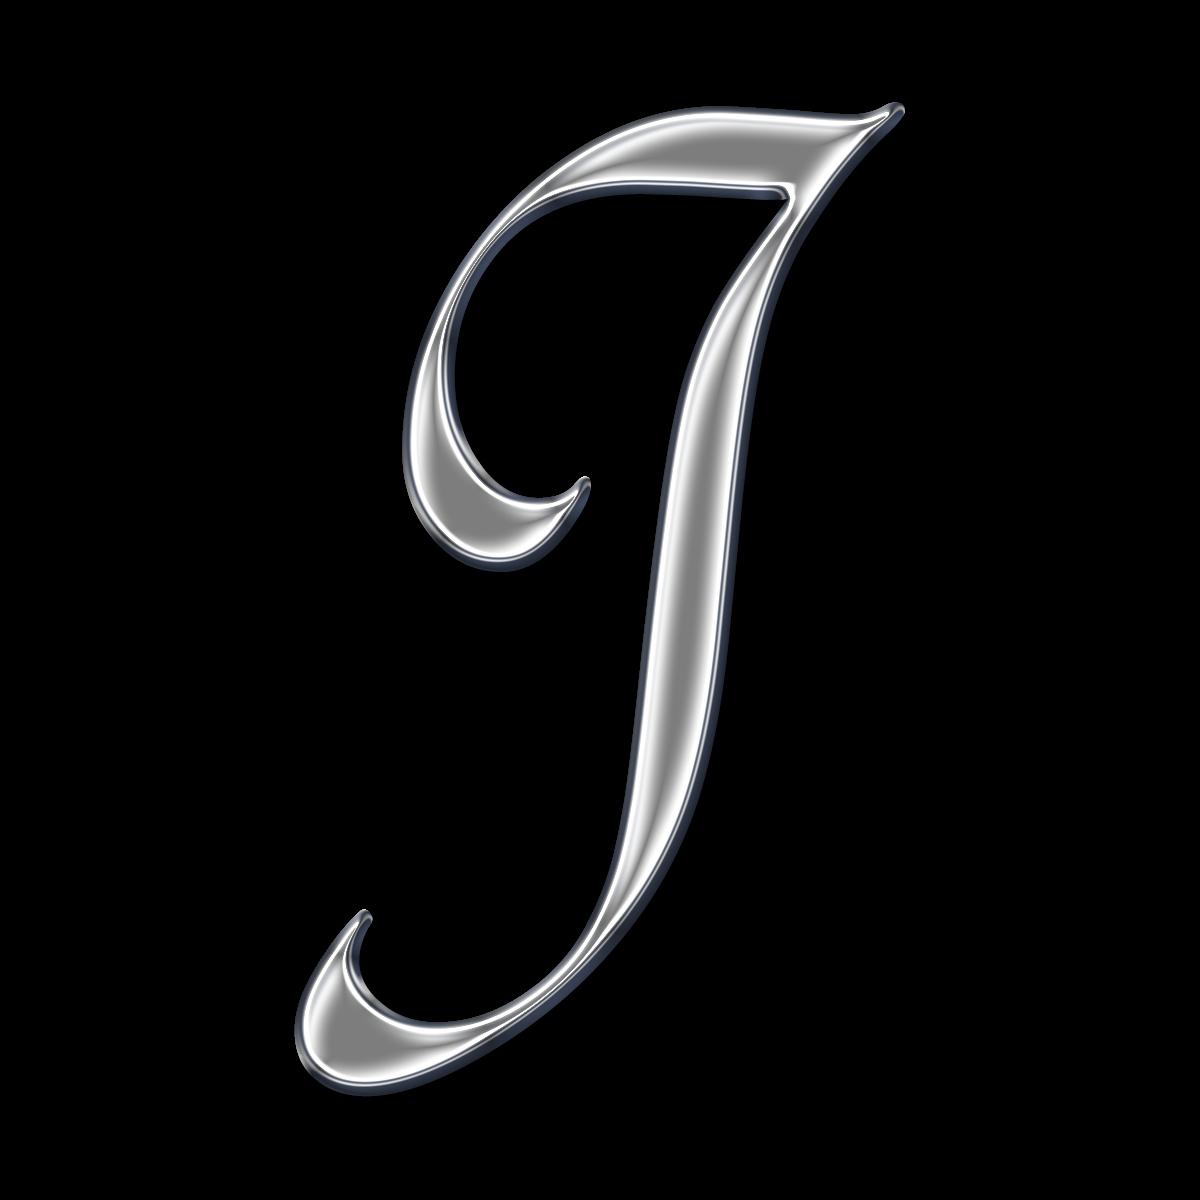 Uppercase Letter I Capital Letter C